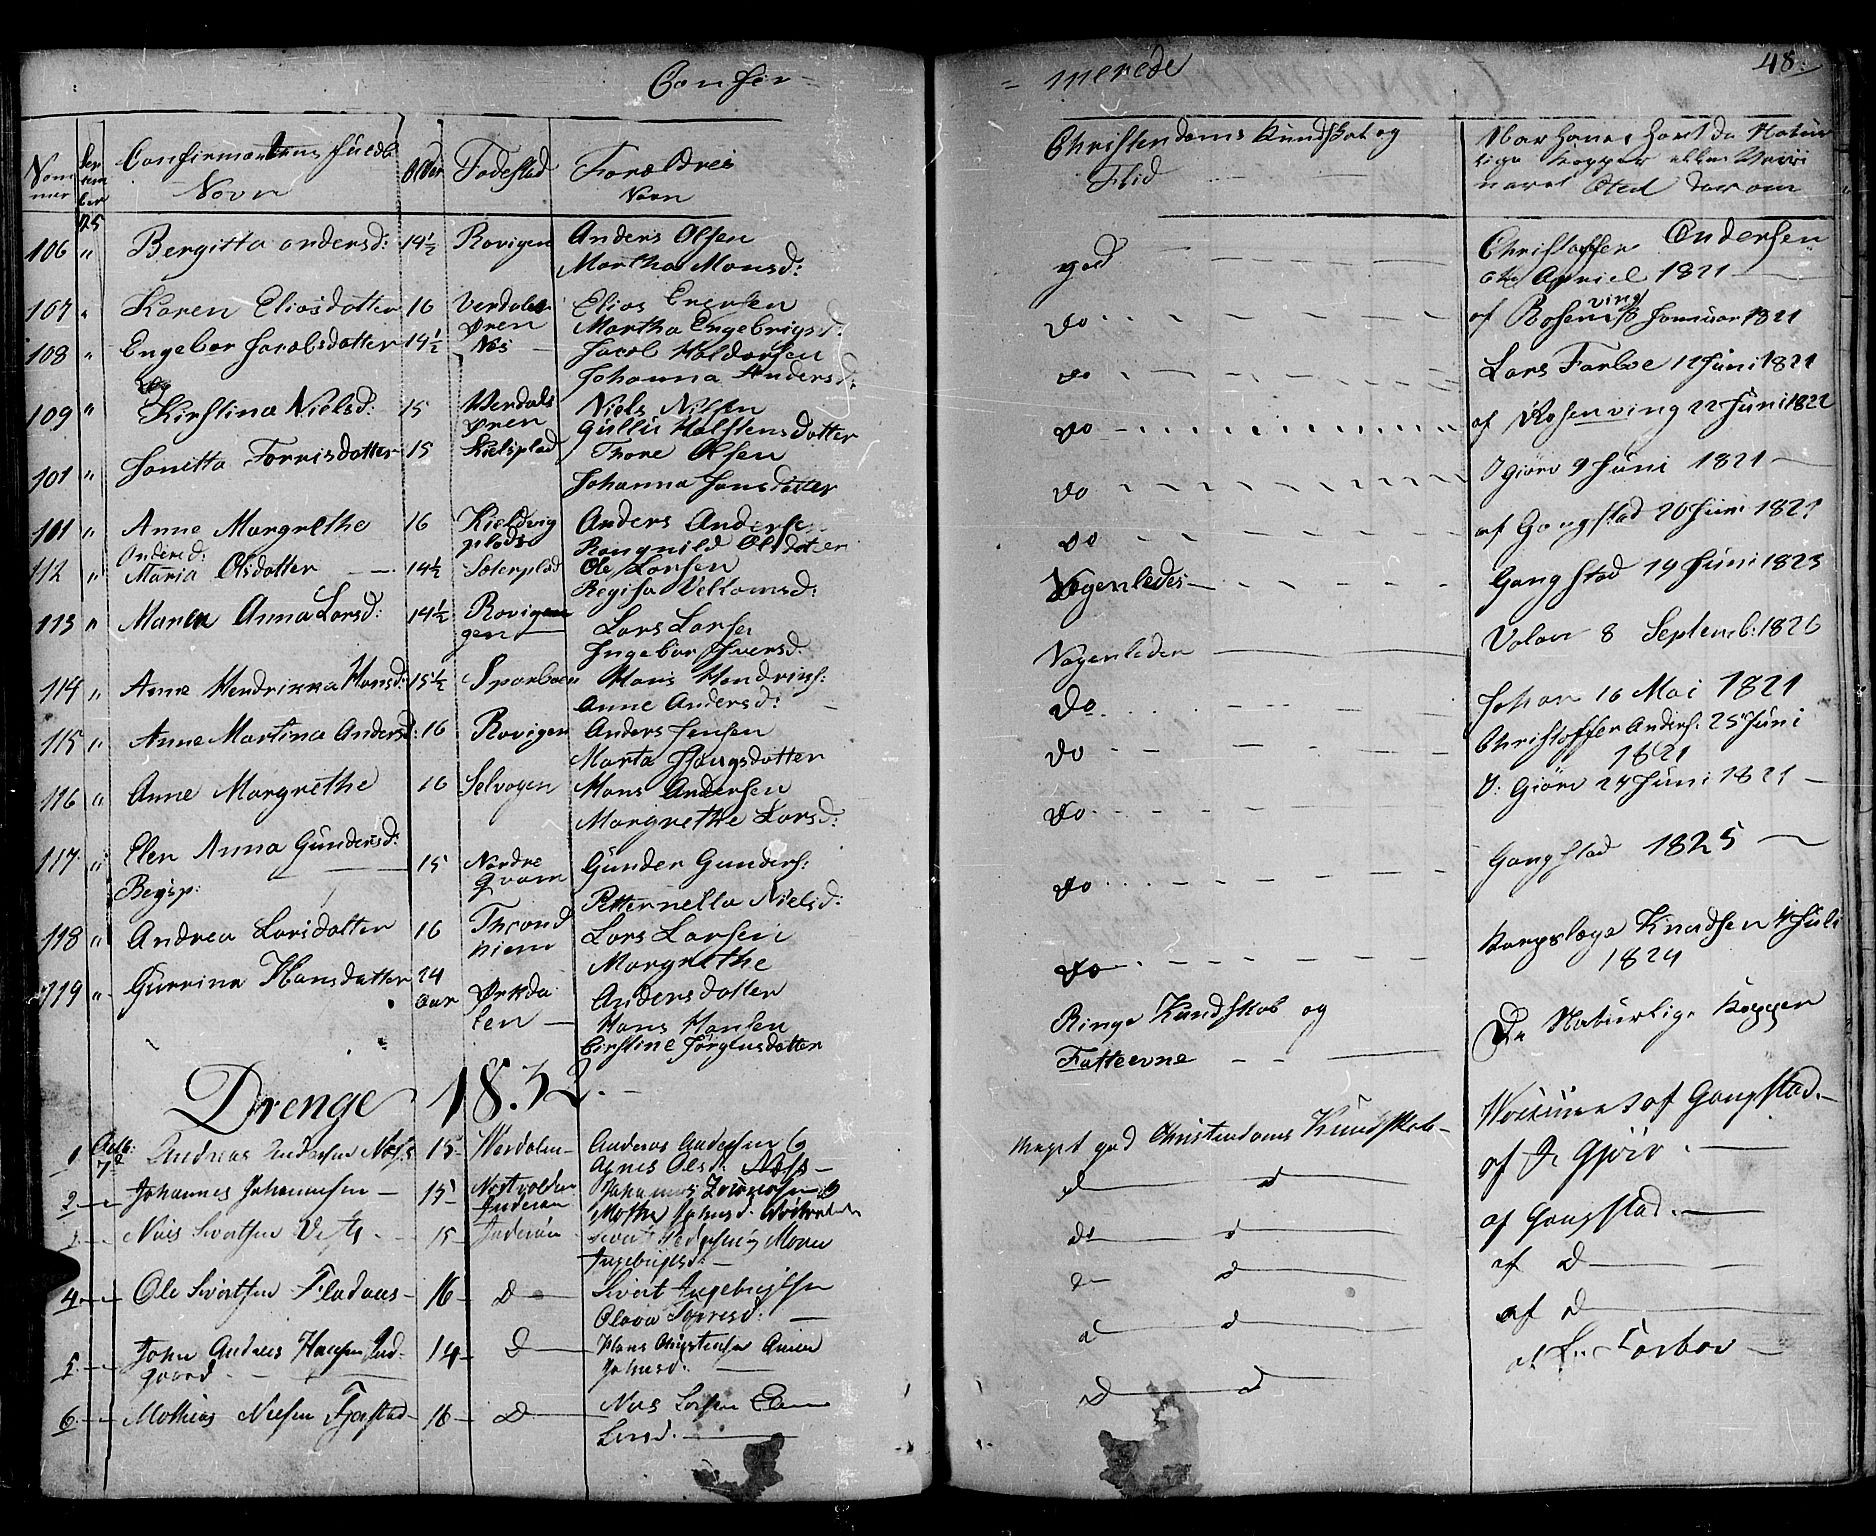 SAT, Ministerialprotokoller, klokkerbøker og fødselsregistre - Nord-Trøndelag, 730/L0277: Ministerialbok nr. 730A06 /1, 1830-1839, s. 48